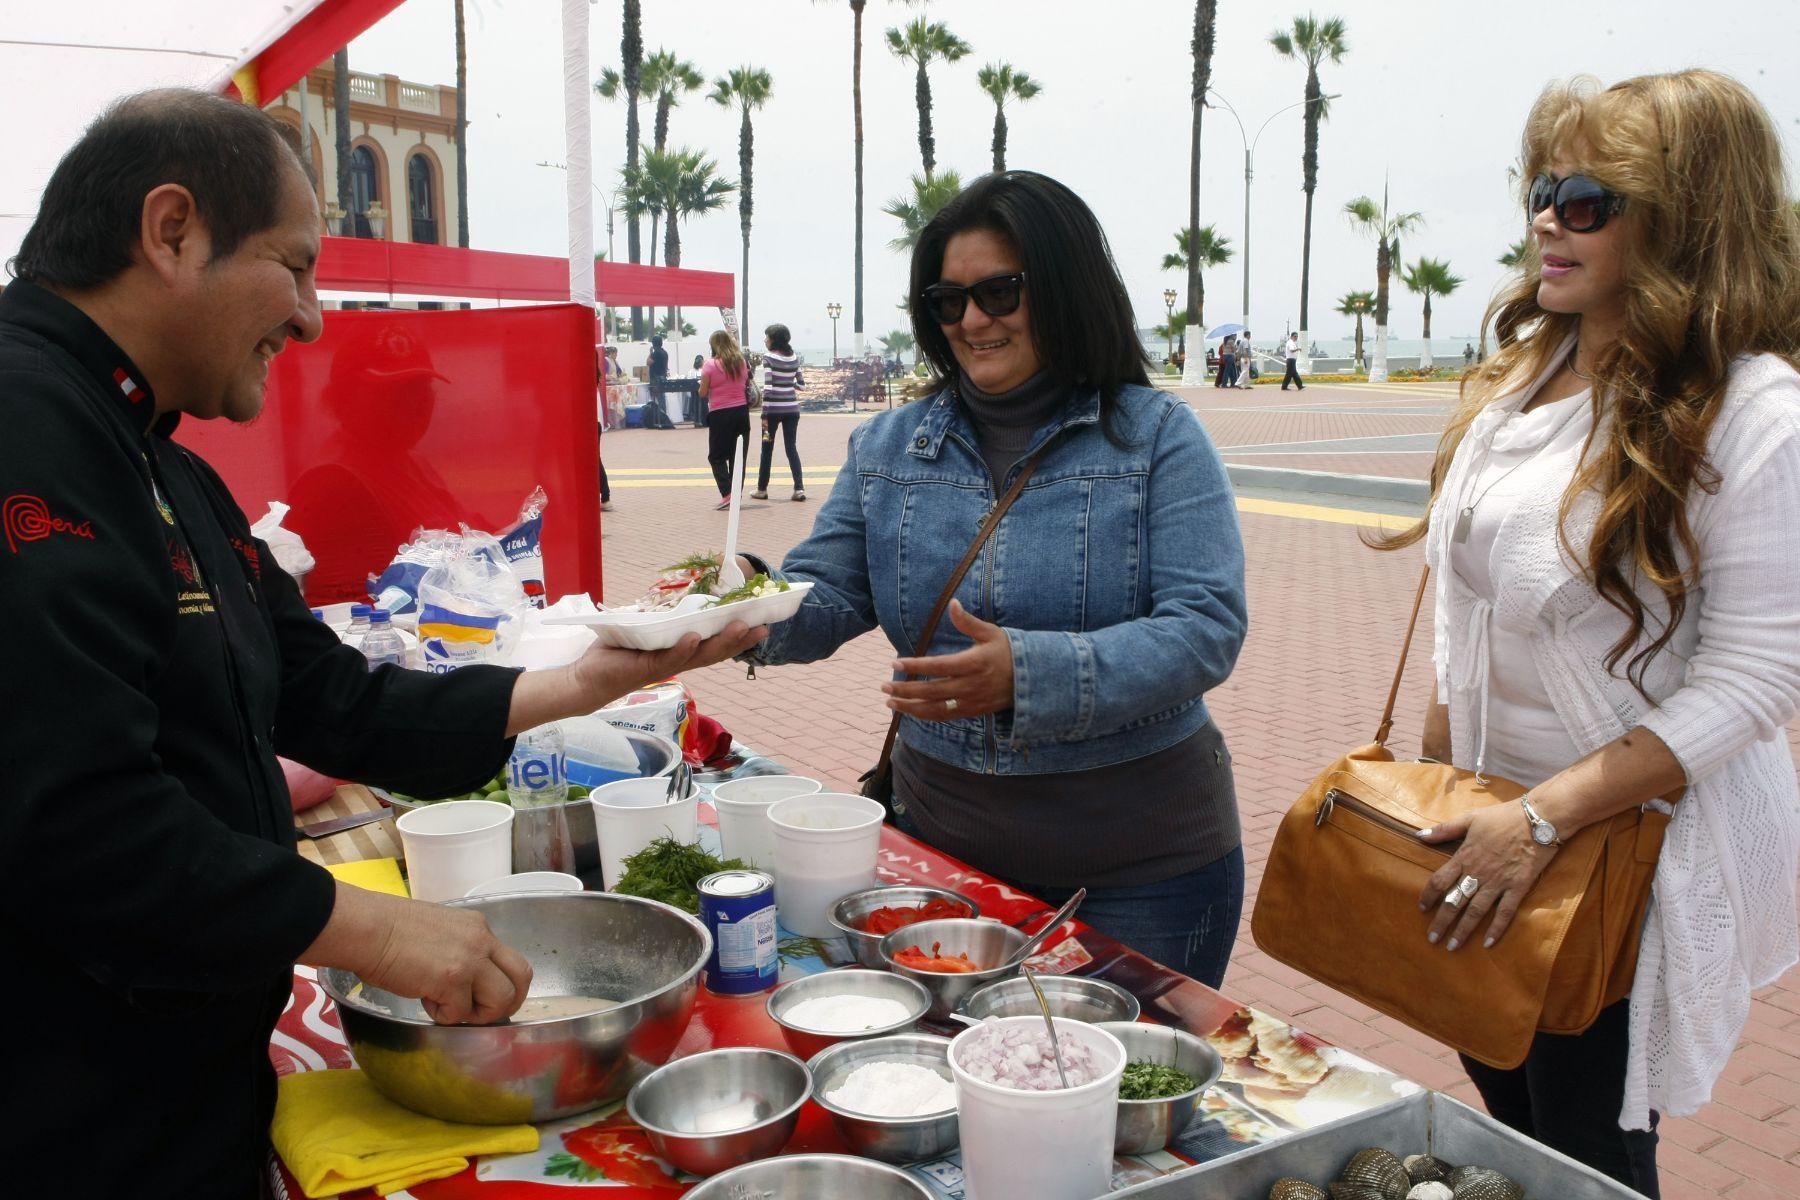 Turismo gastronómico y cultural chalaco se difundirá en zona exclusiva de San Isidro